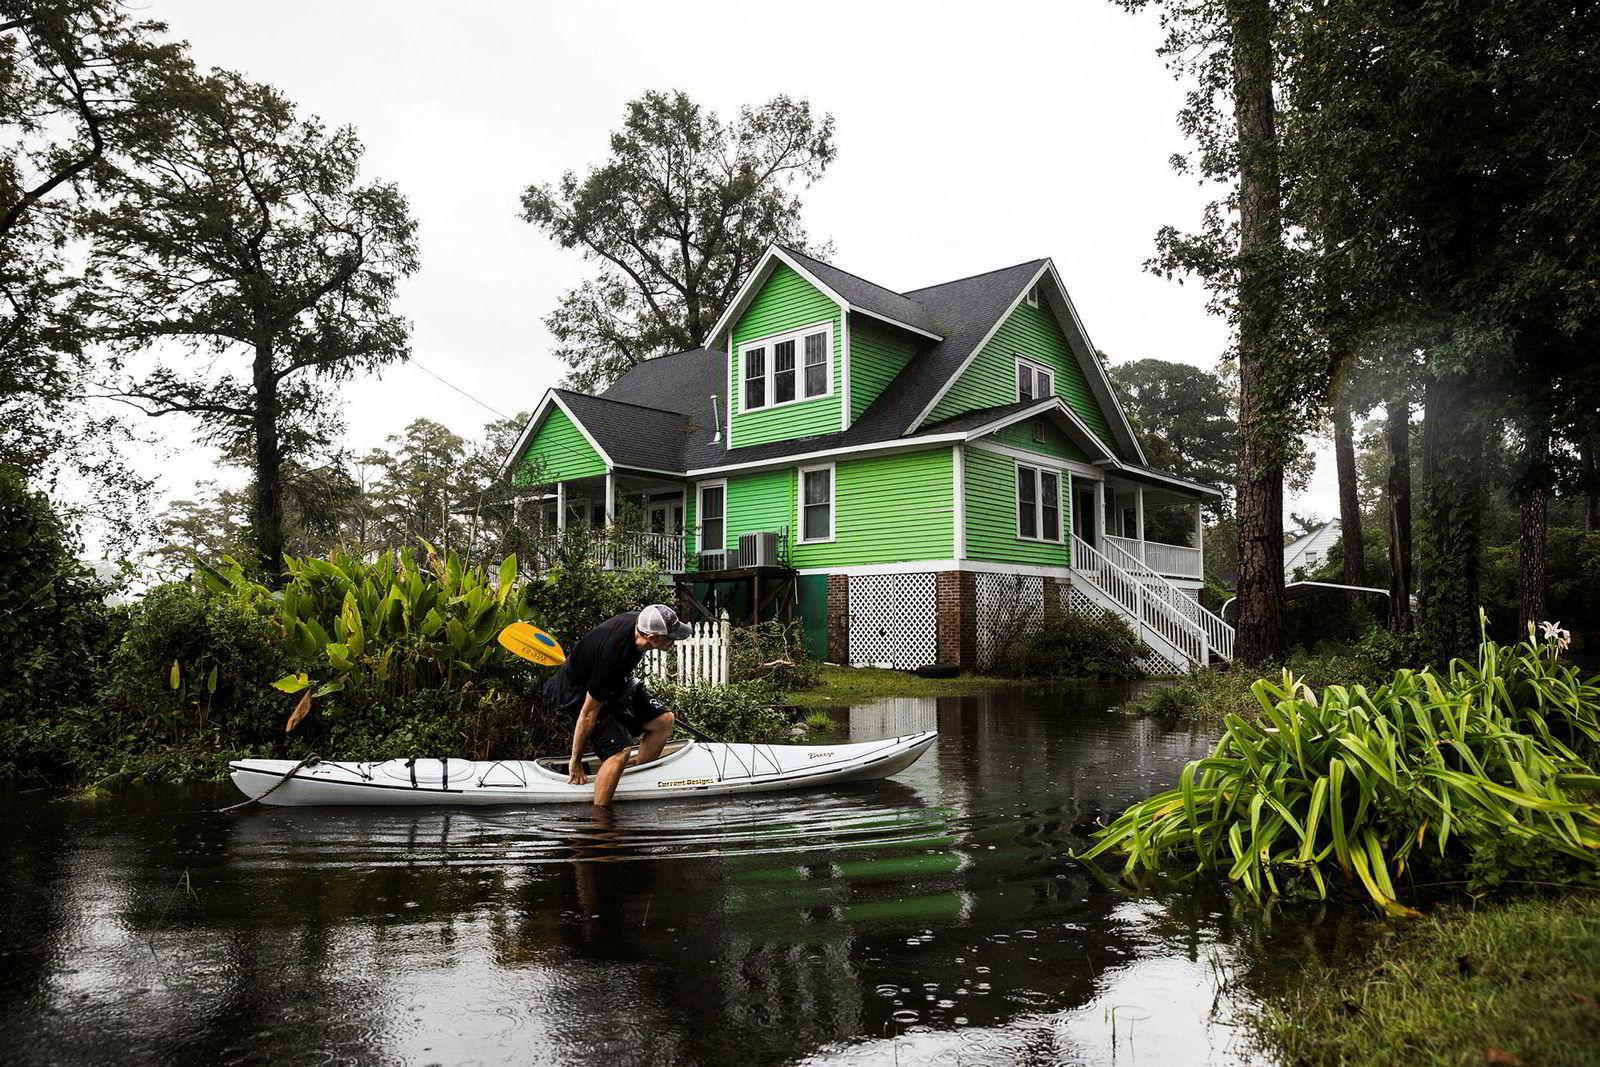 Larry Hutchkins ble i huset under stormen, når bruker han kajakk for å komme seg rundt. Byen Washington i Nord Carolina ble kraftig oversvømmet, men vannet har trukket seg mye tilbake.